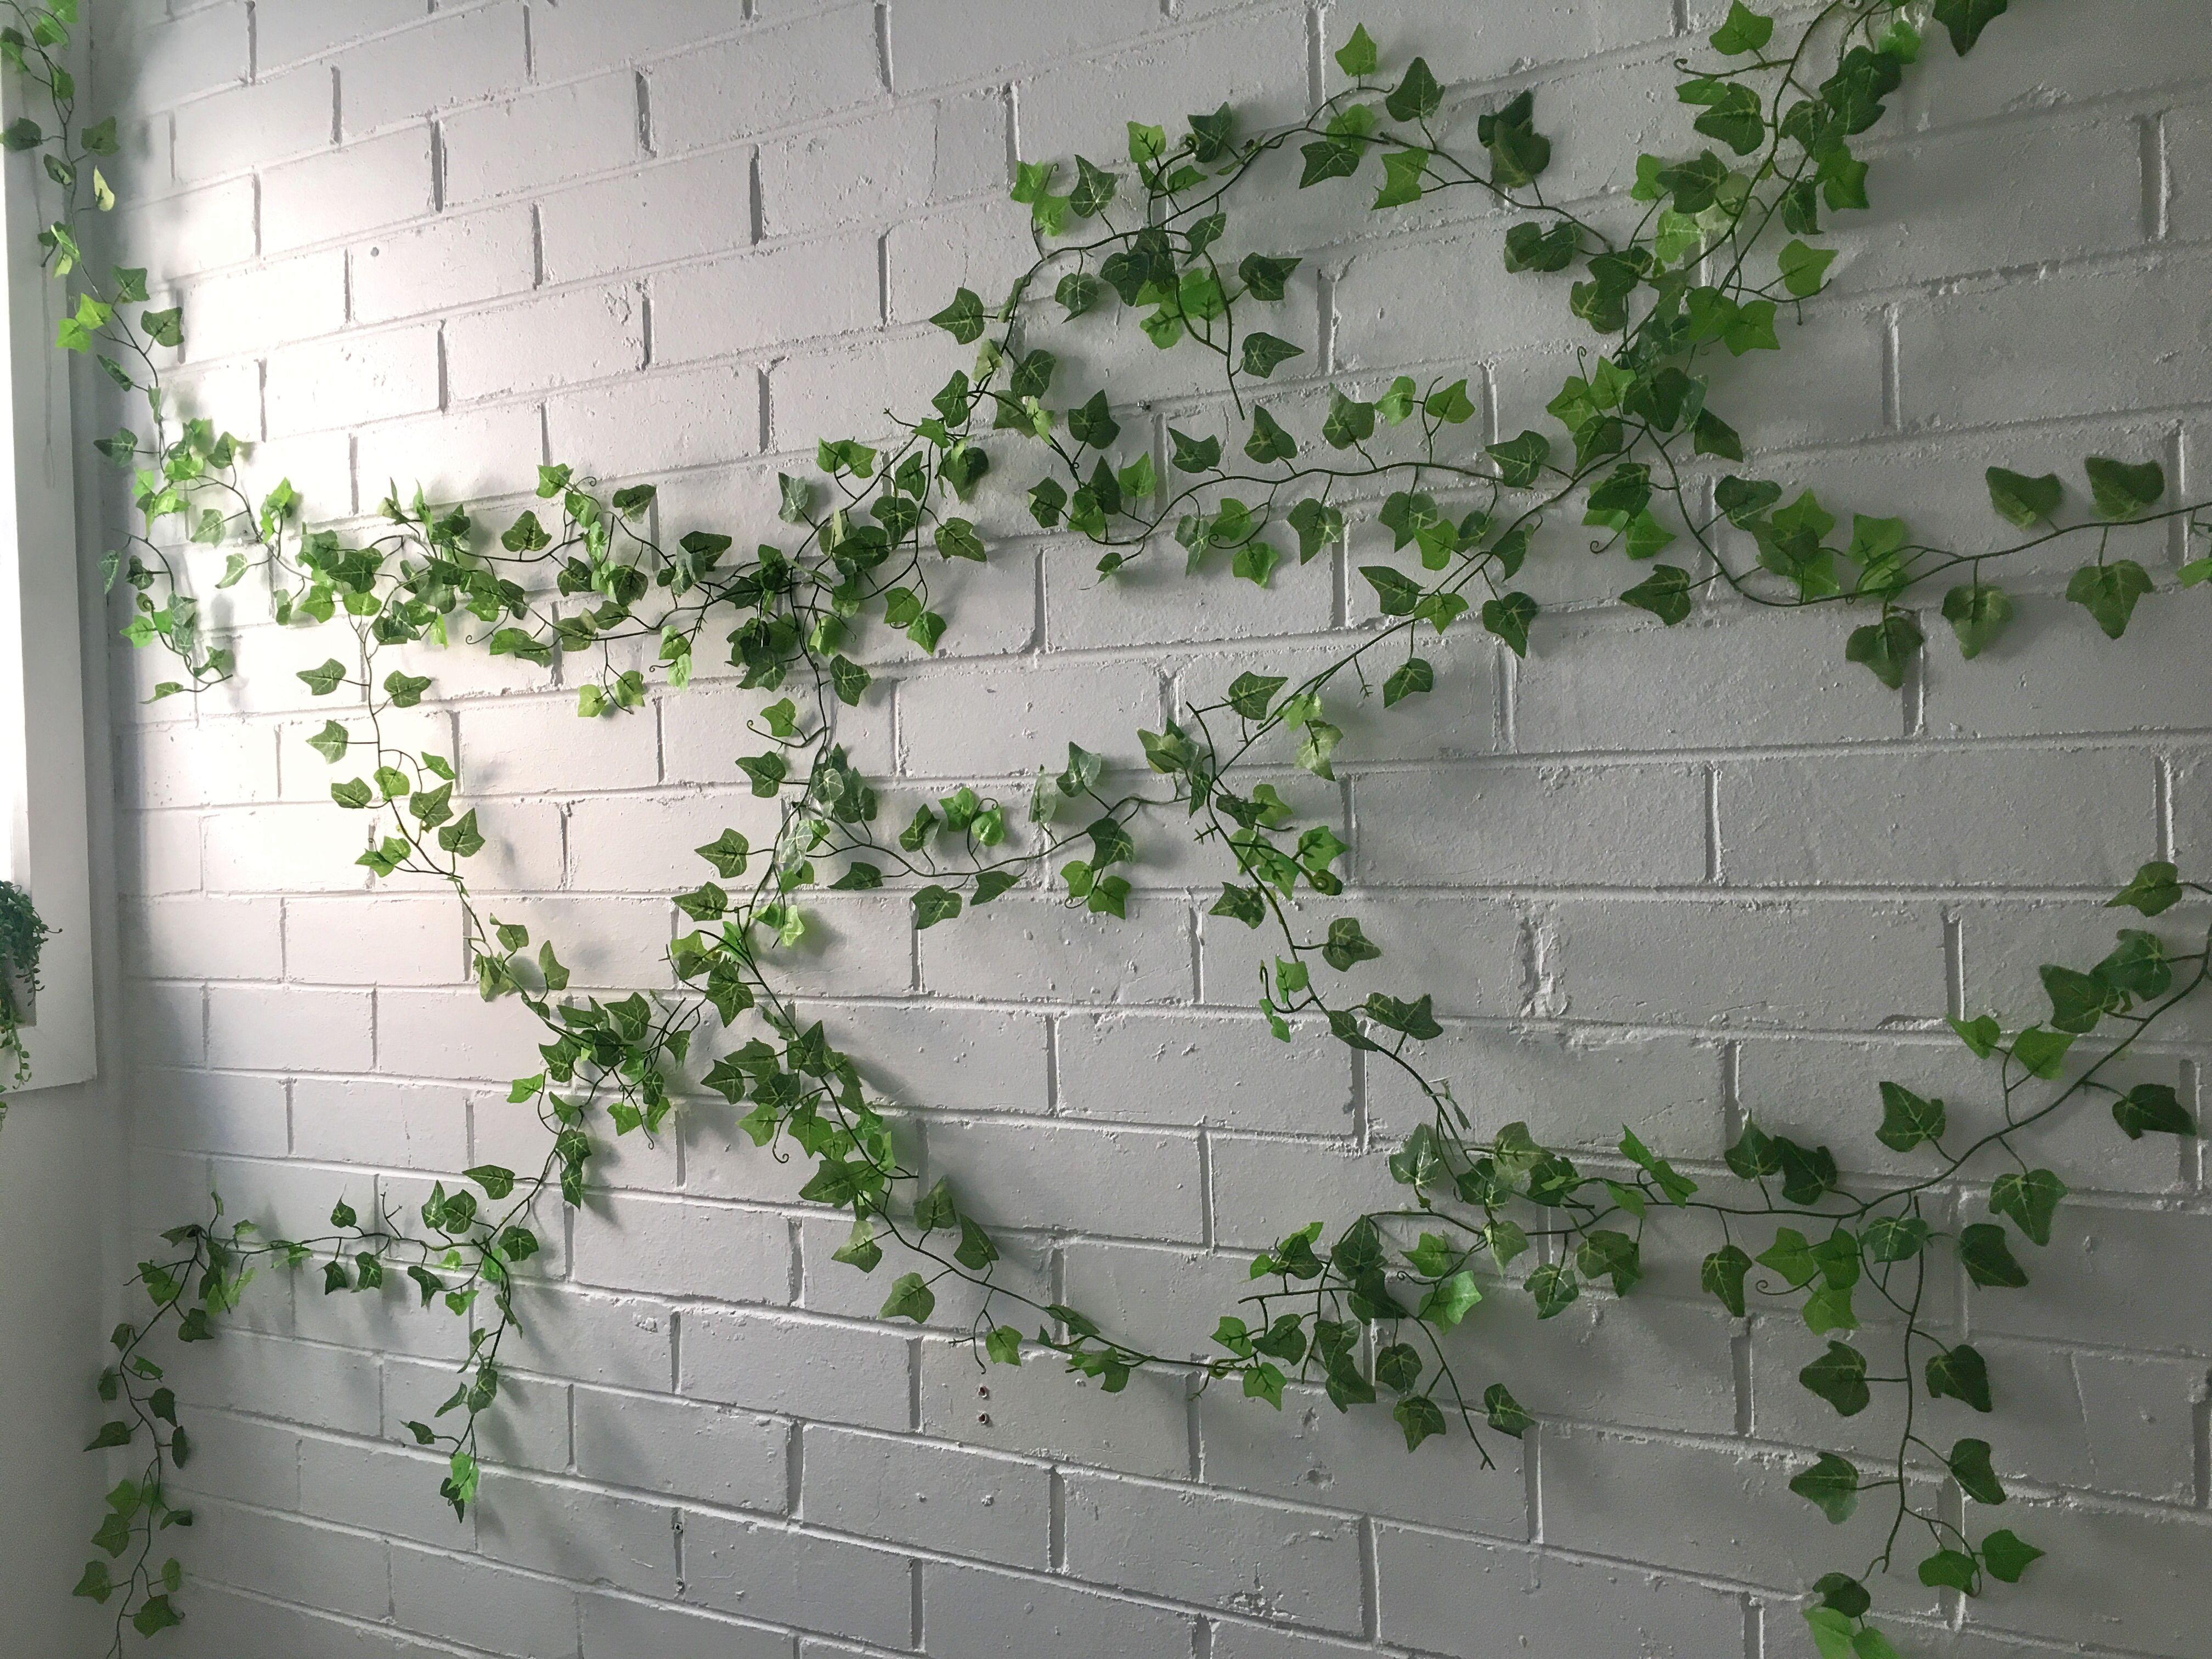 Indoor Ivy Wall Growing On Bricks Greenwall Ivy Wall Indoor Ivy Outdoor Pergola